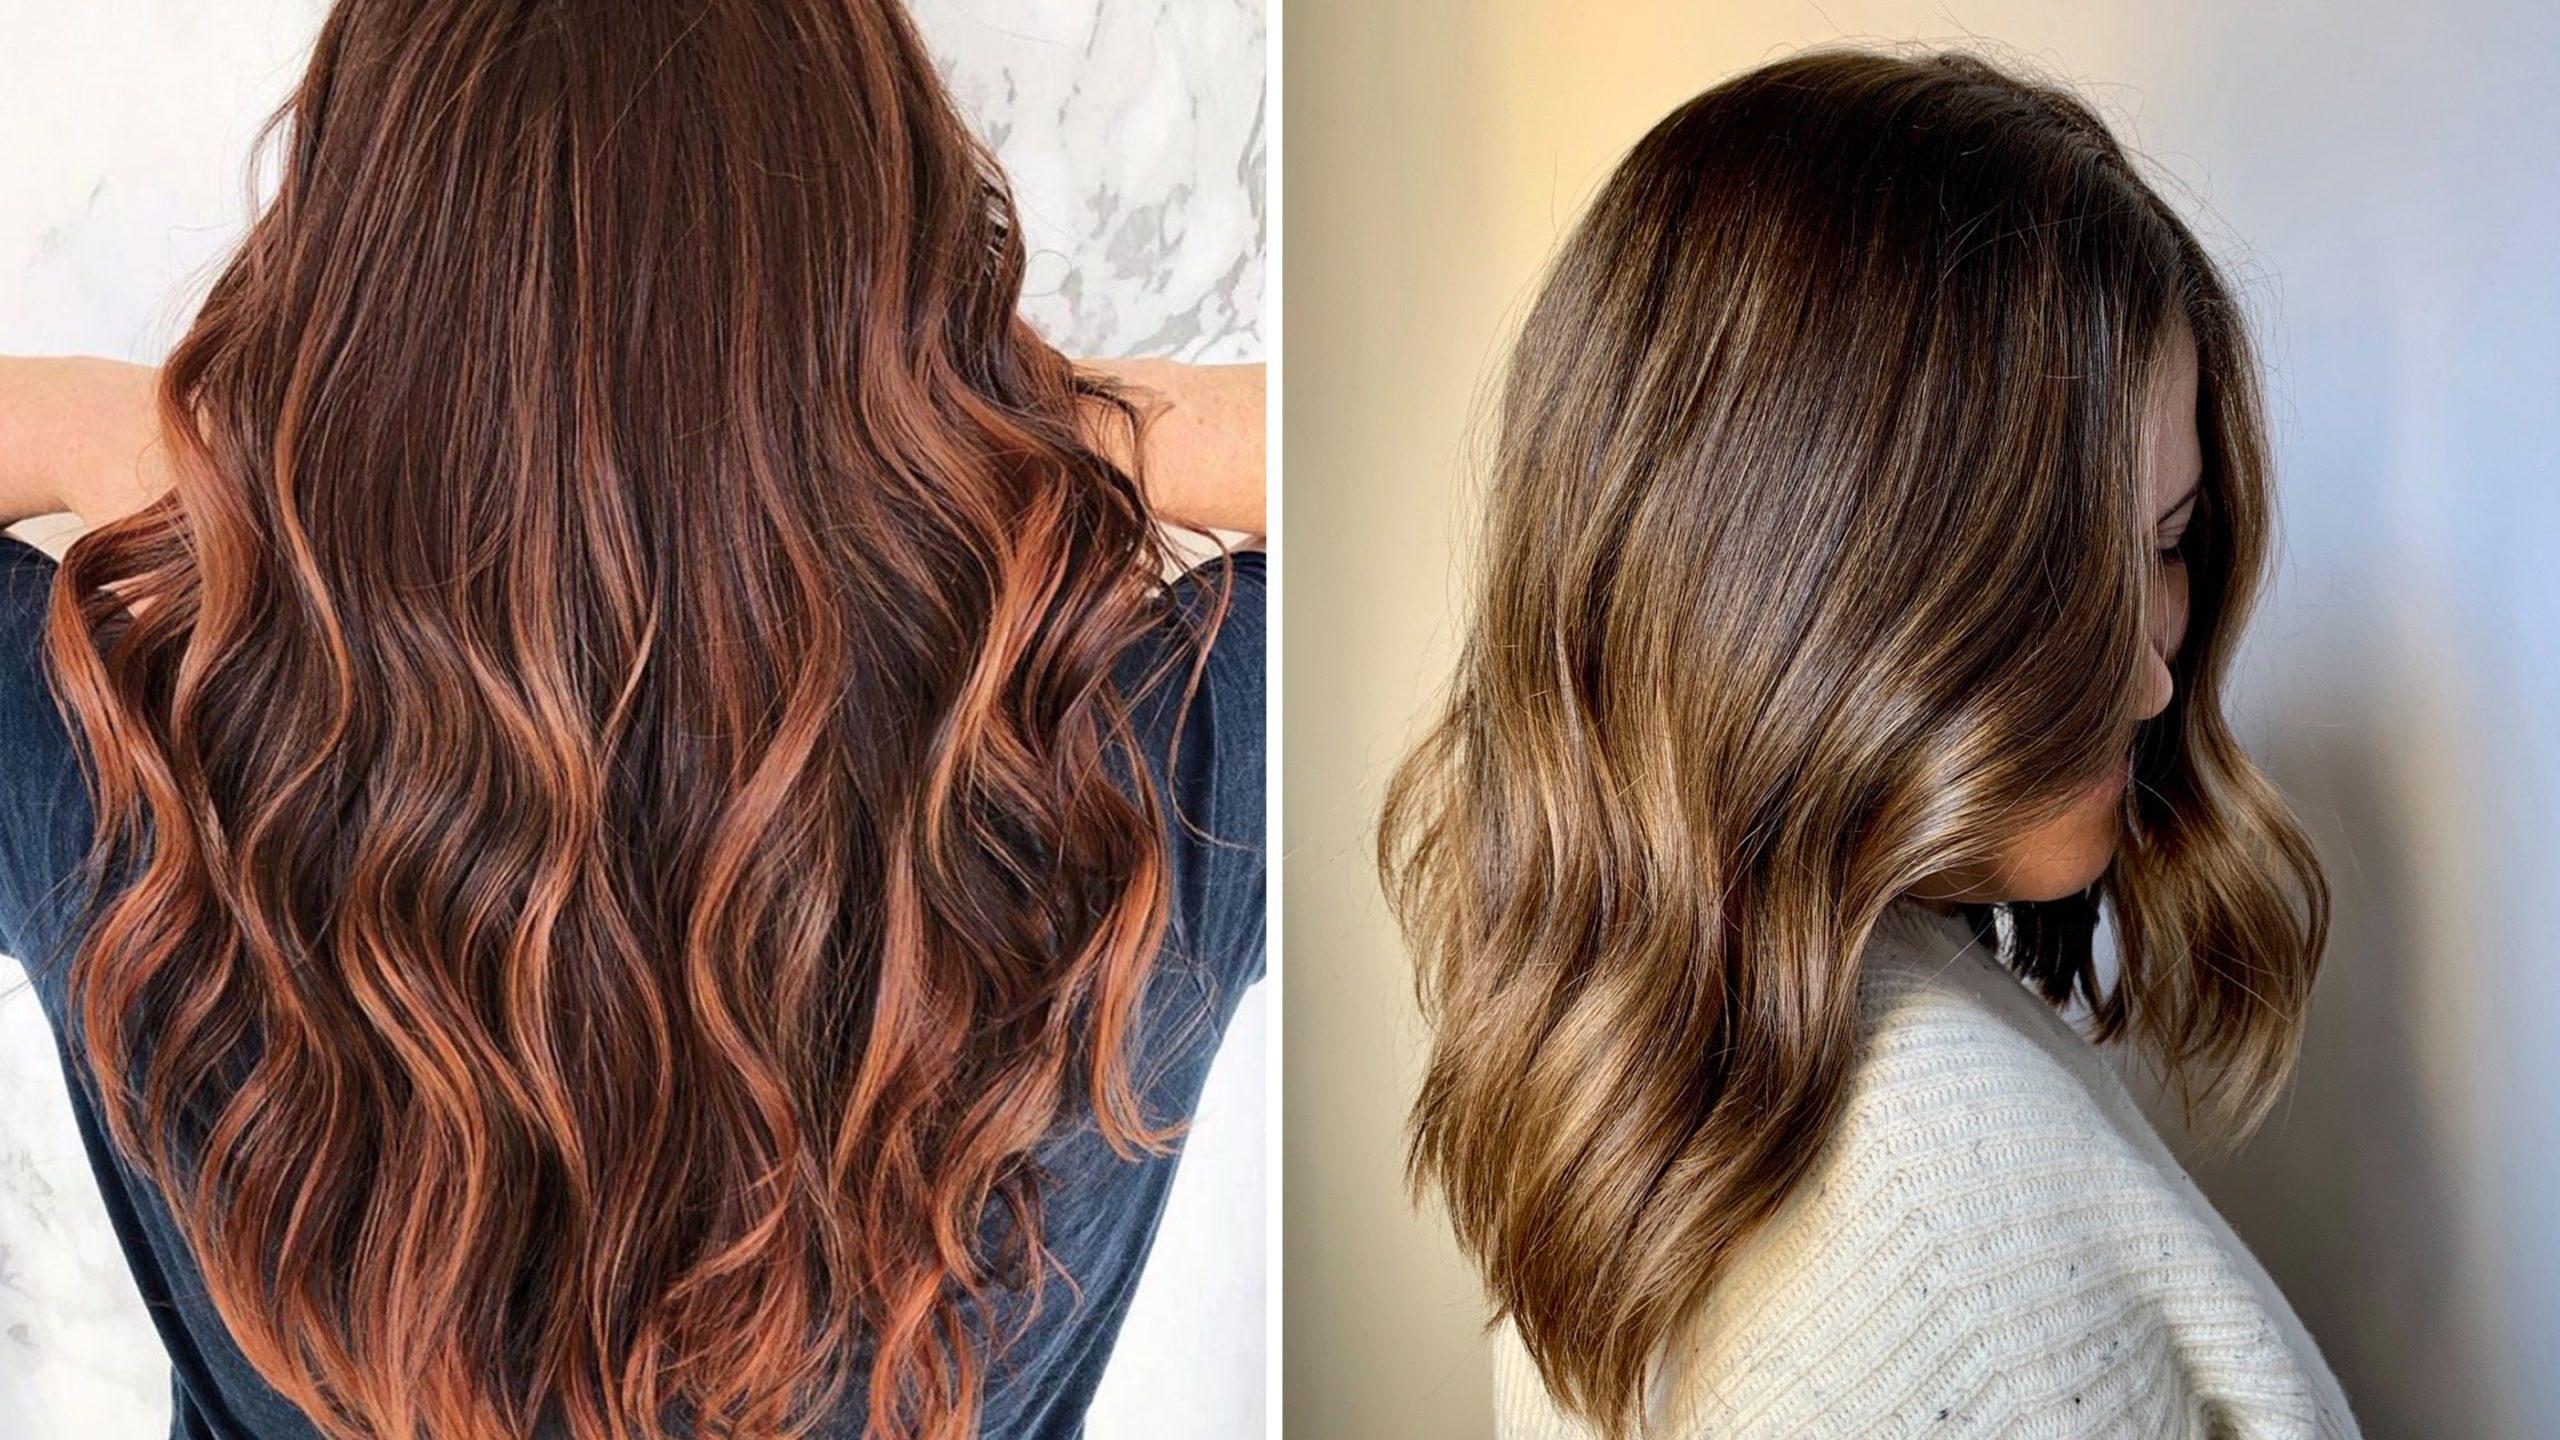 hair streaks treatment